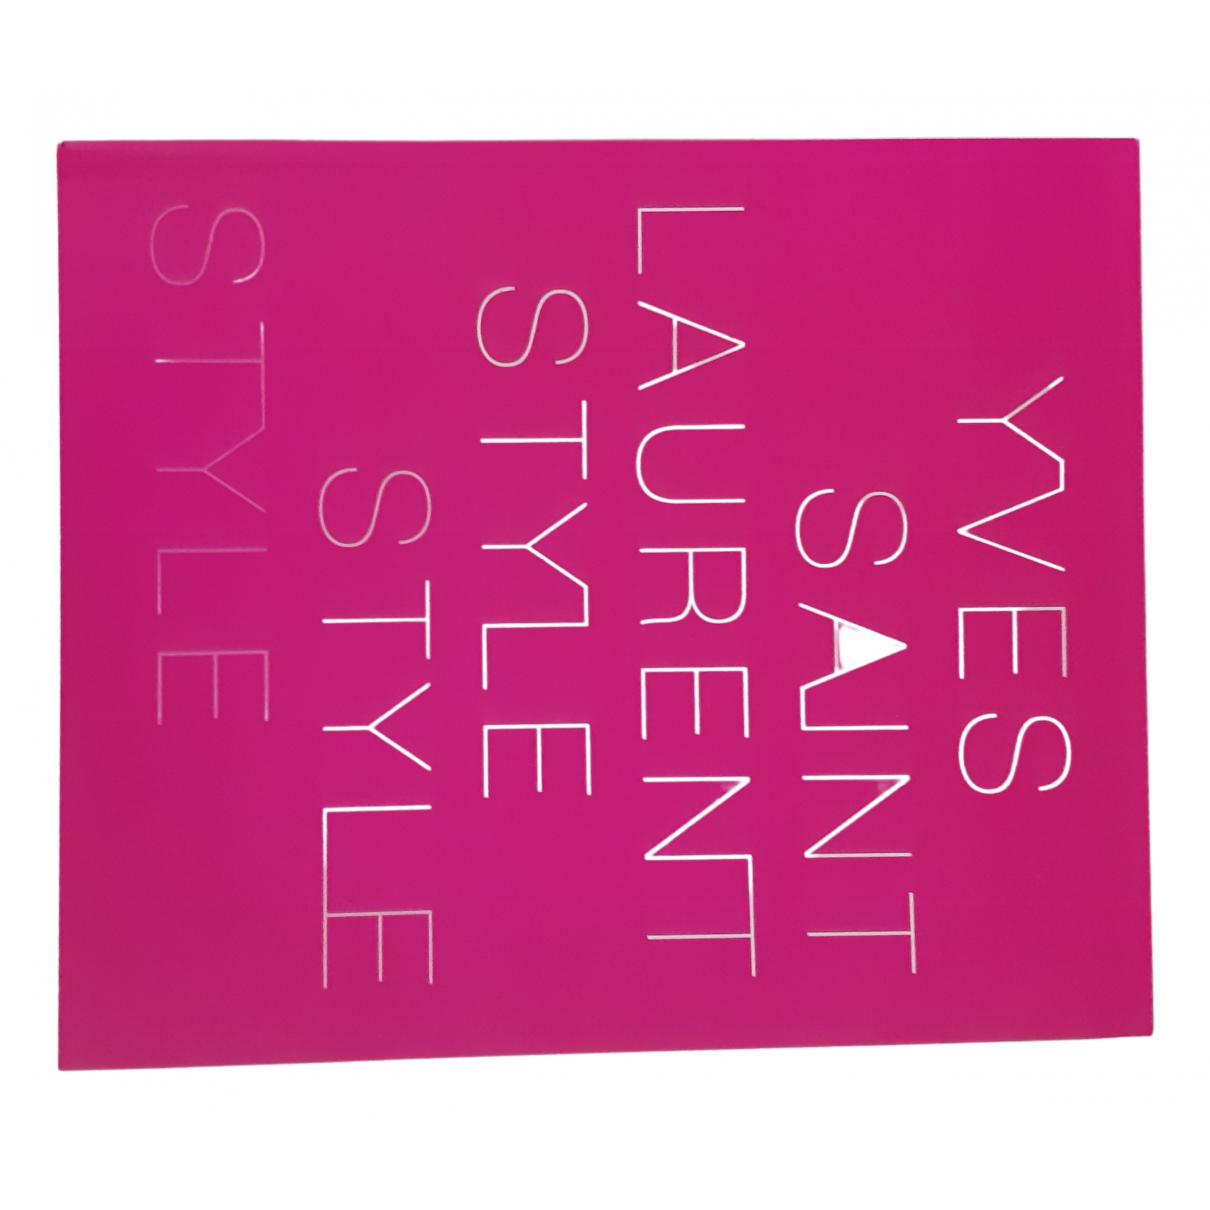 Moda Yves Saint Laurent